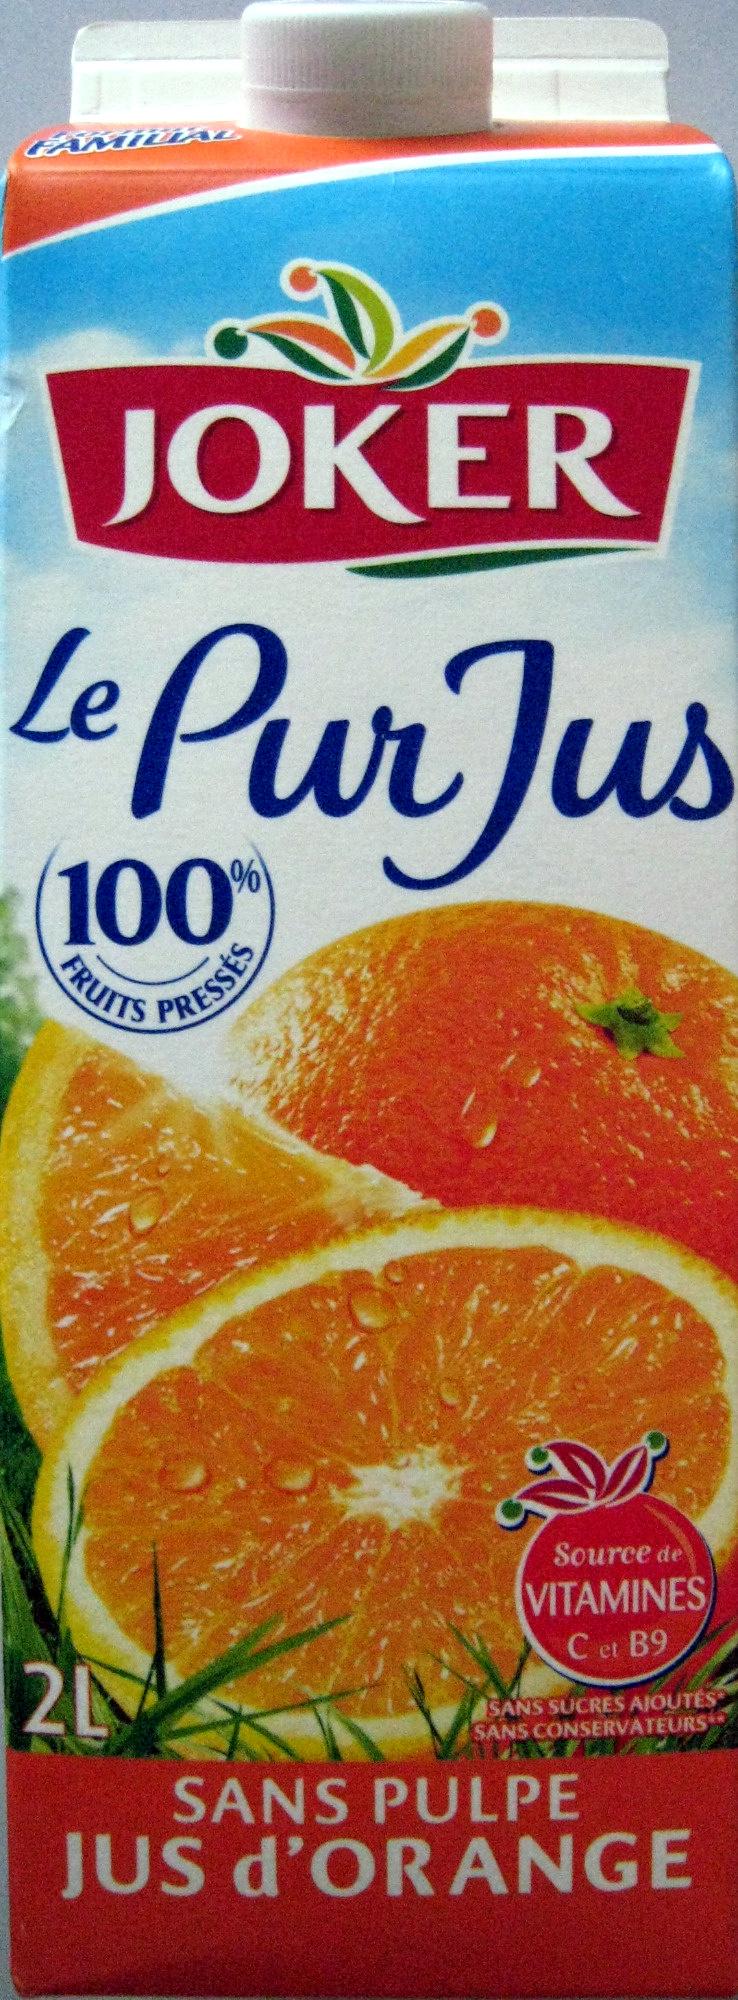 Pur jus de fruit d'orange sans pulpe Joker - Product - fr